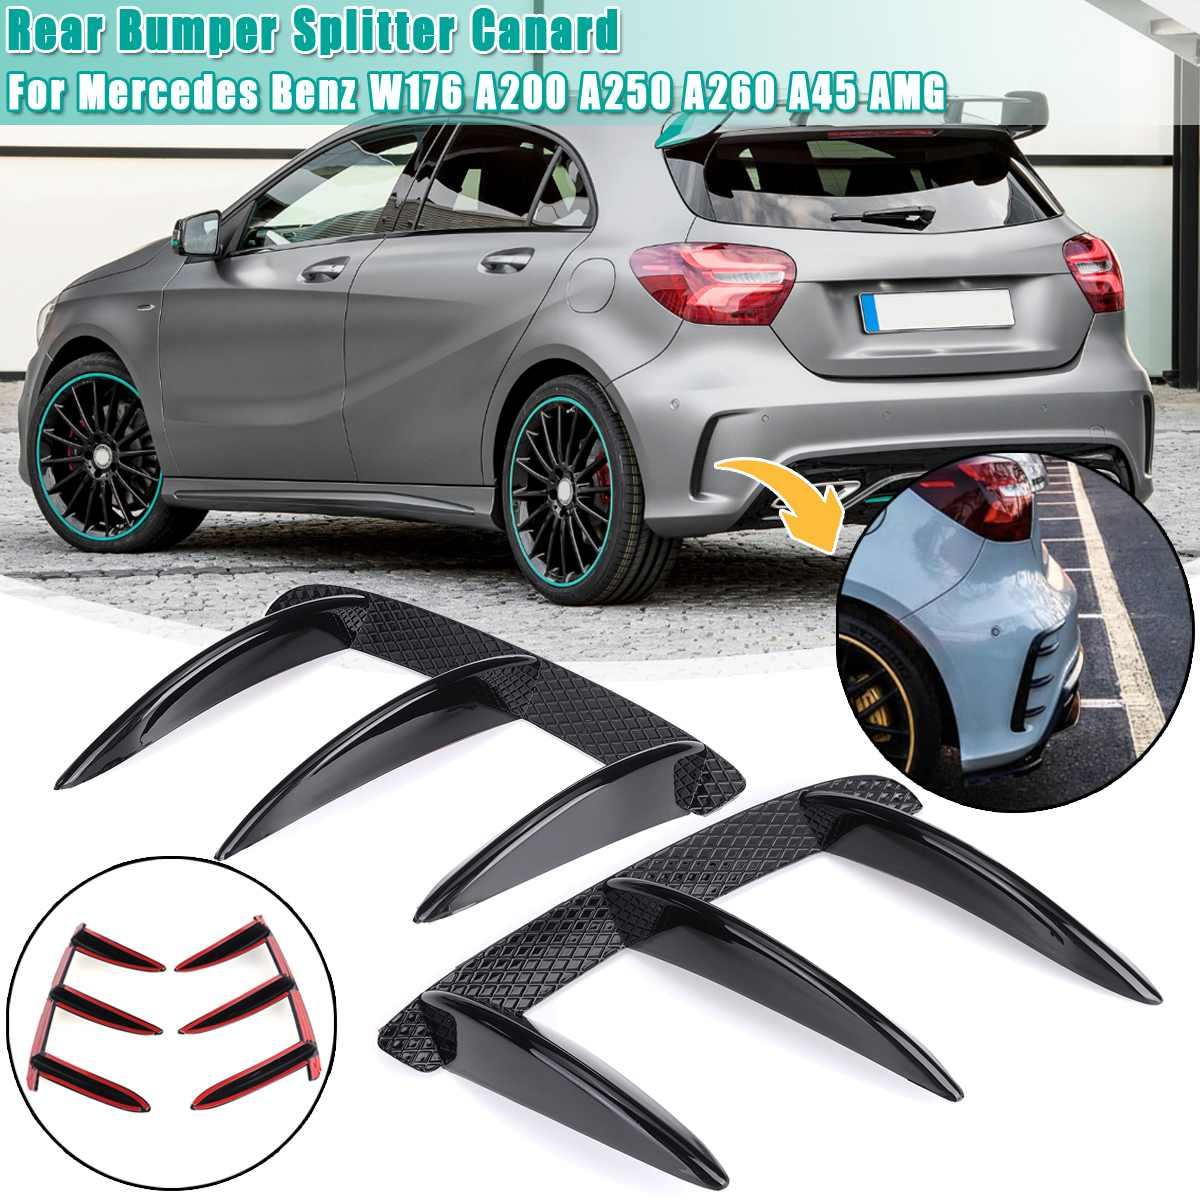 2PCS W176 Splitter Hinten Stoßstange Canards Spoiler Für Mercedes für Benz W176 A200 A250 A260 A45 für AMG Paket ABS Schwarz